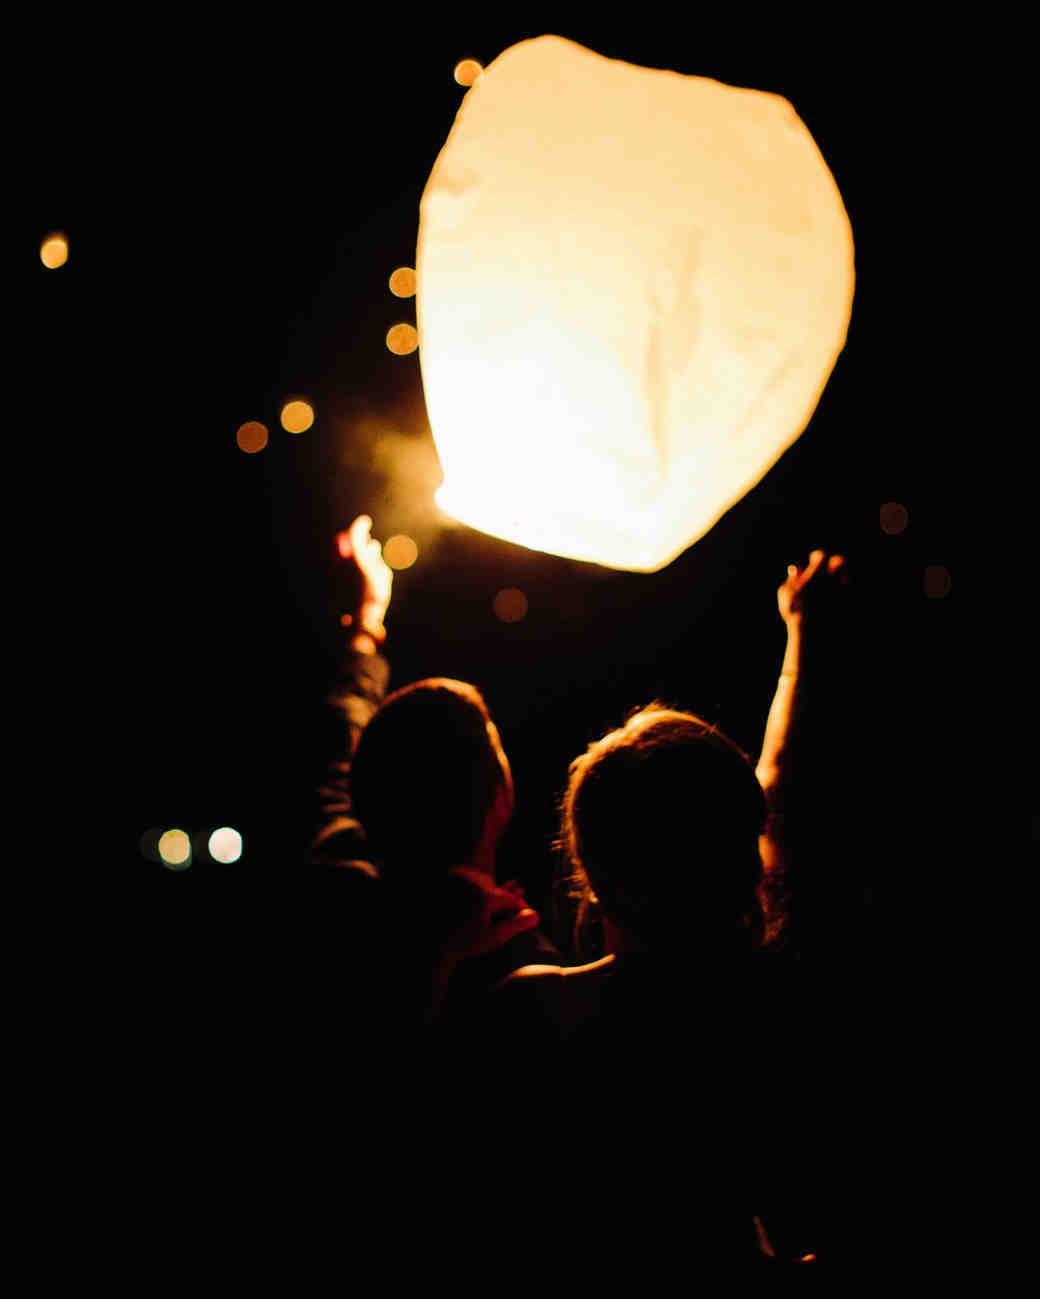 hadley corey wedding wish lantern